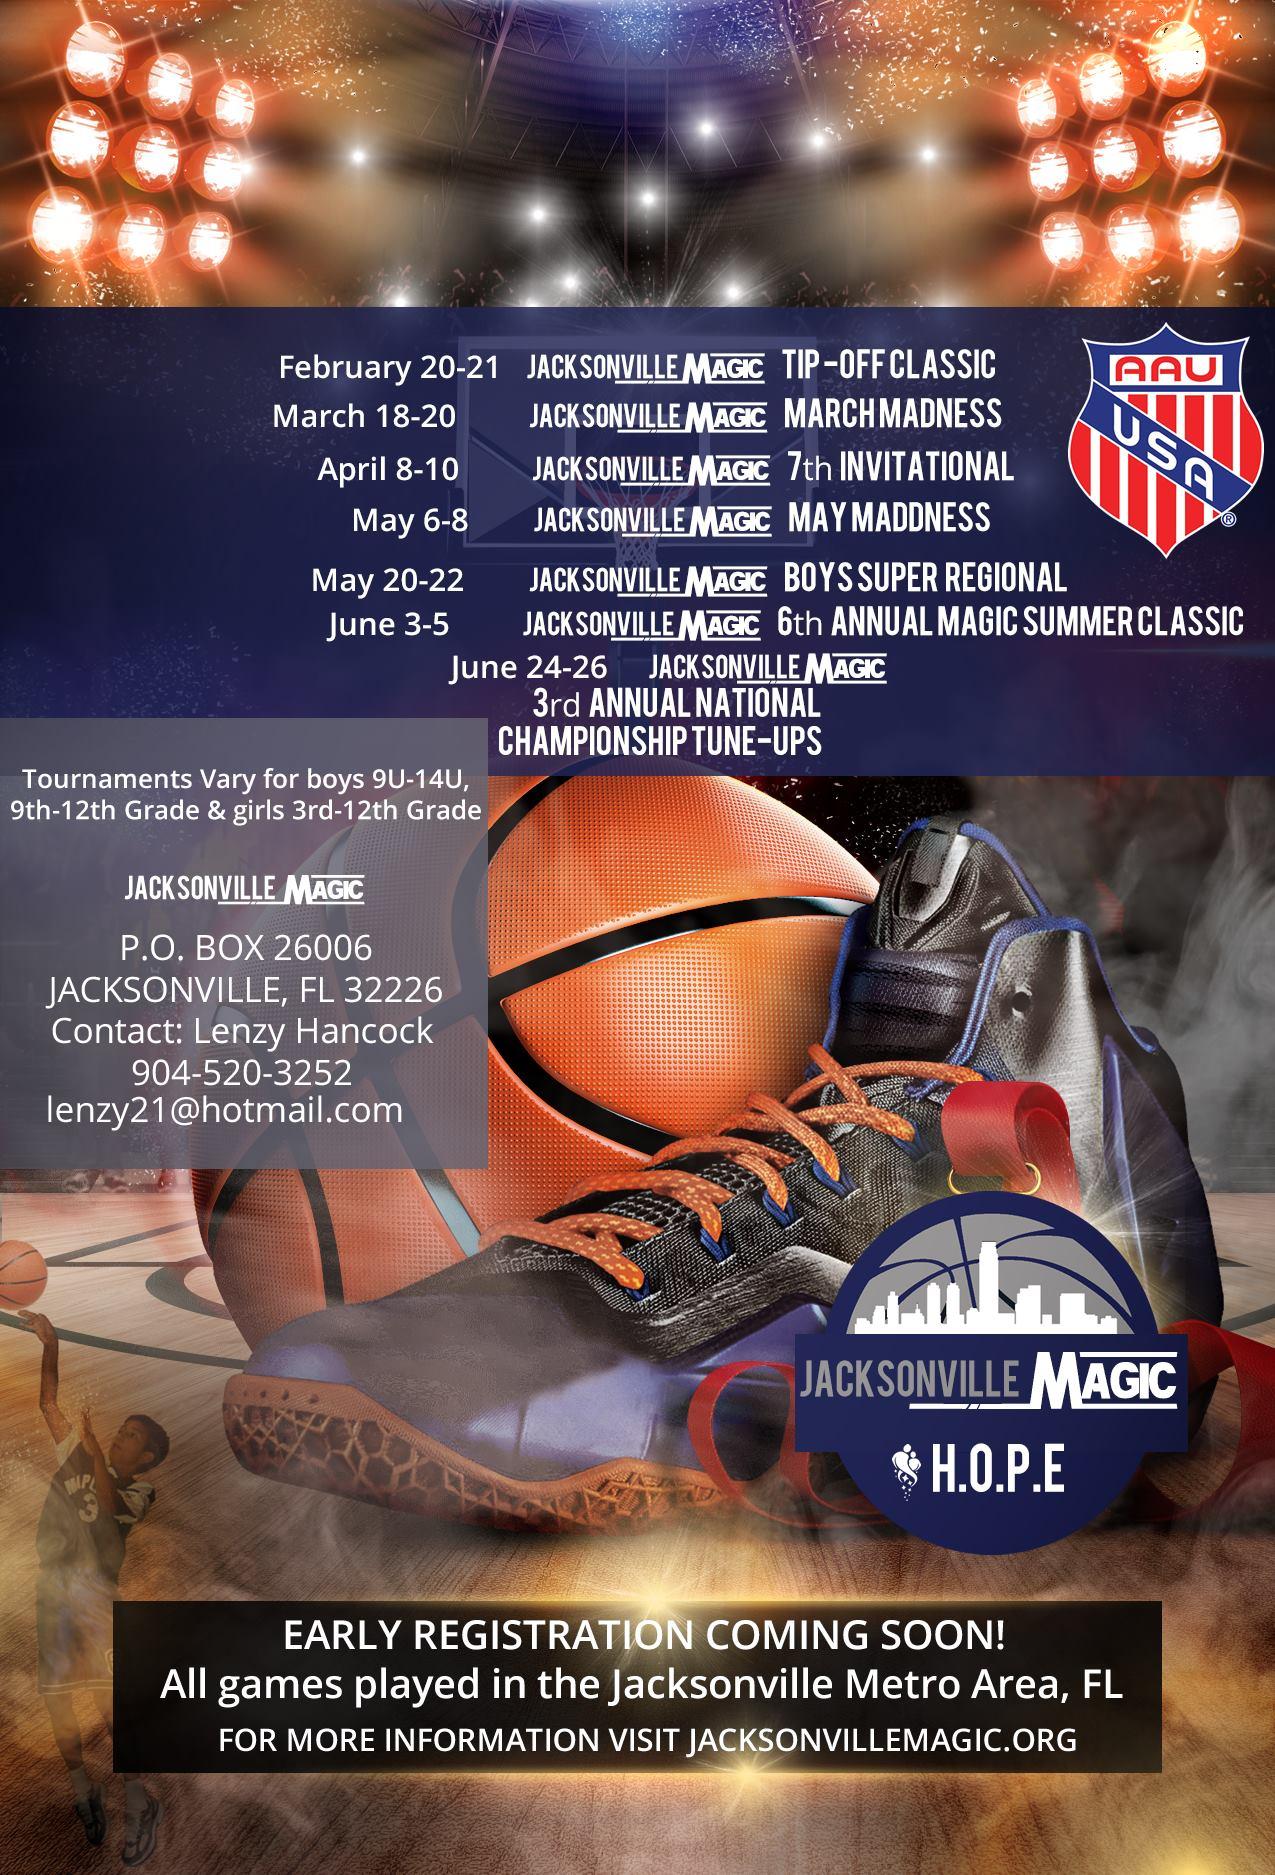 Custom Event Flyer-AAU Sports Jacksonville Magic